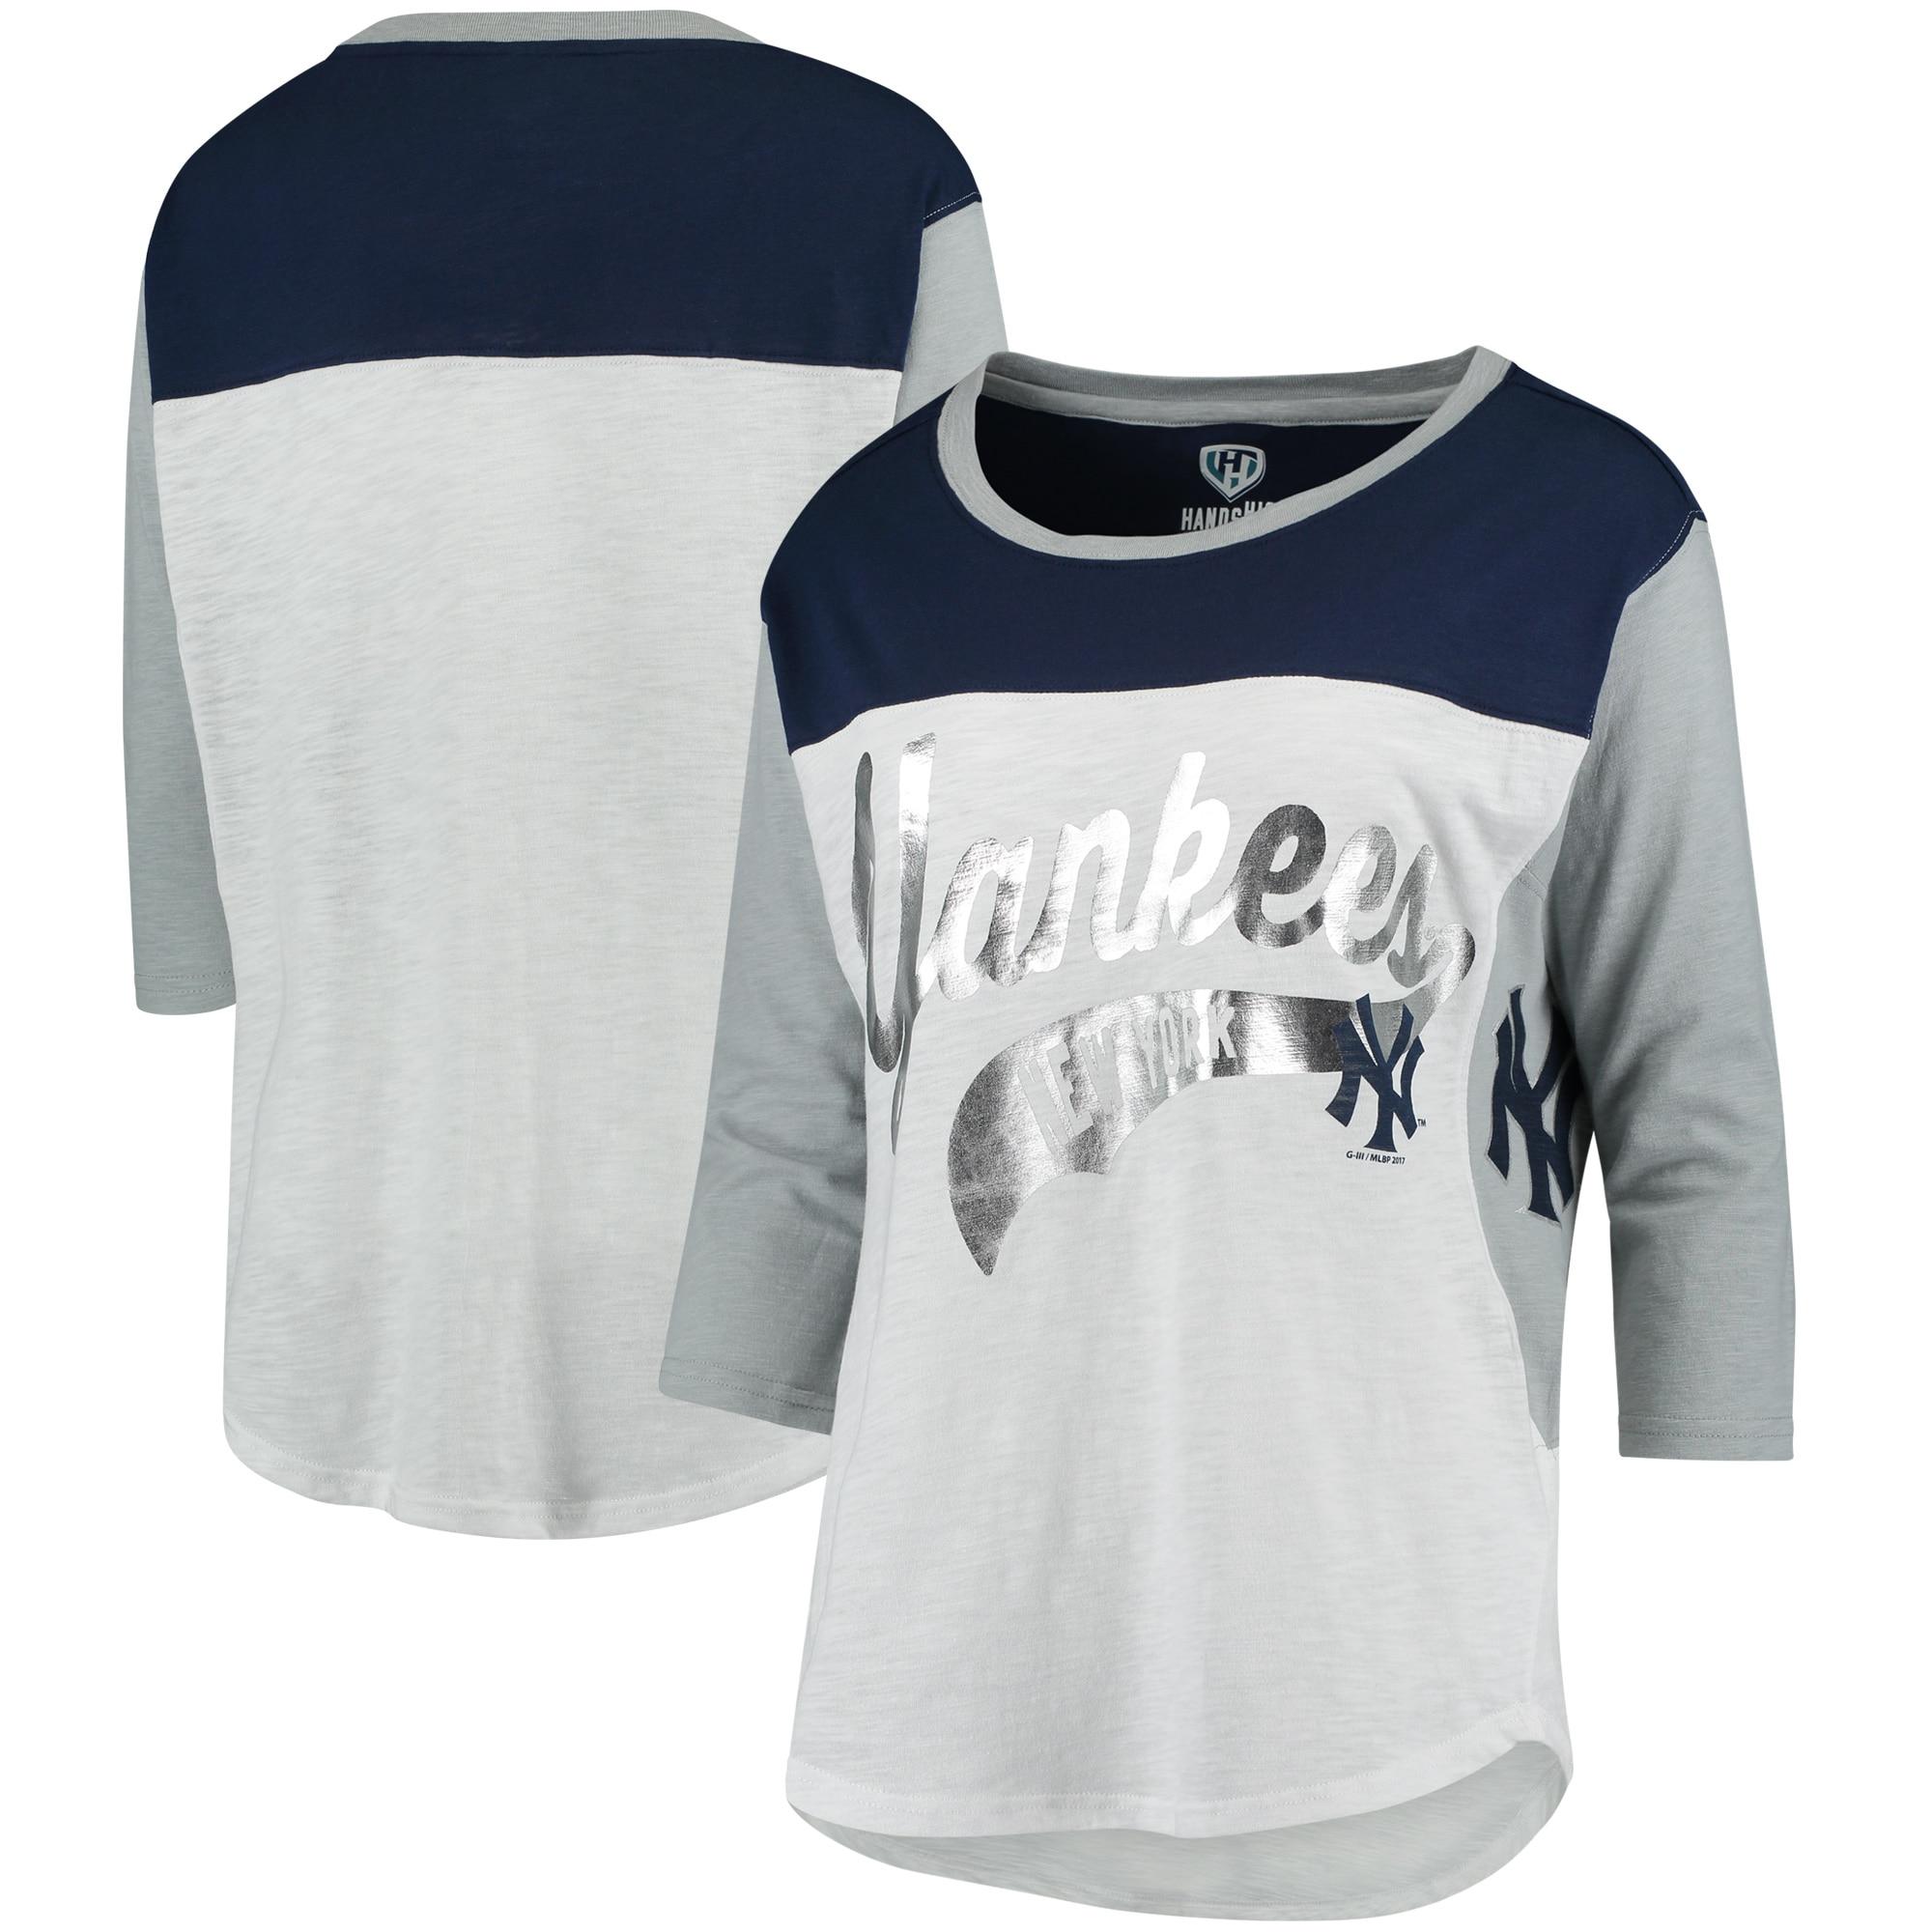 New York Yankees Hands High Women's Season's Pass 3/4 Sleeve T-Shirt - White